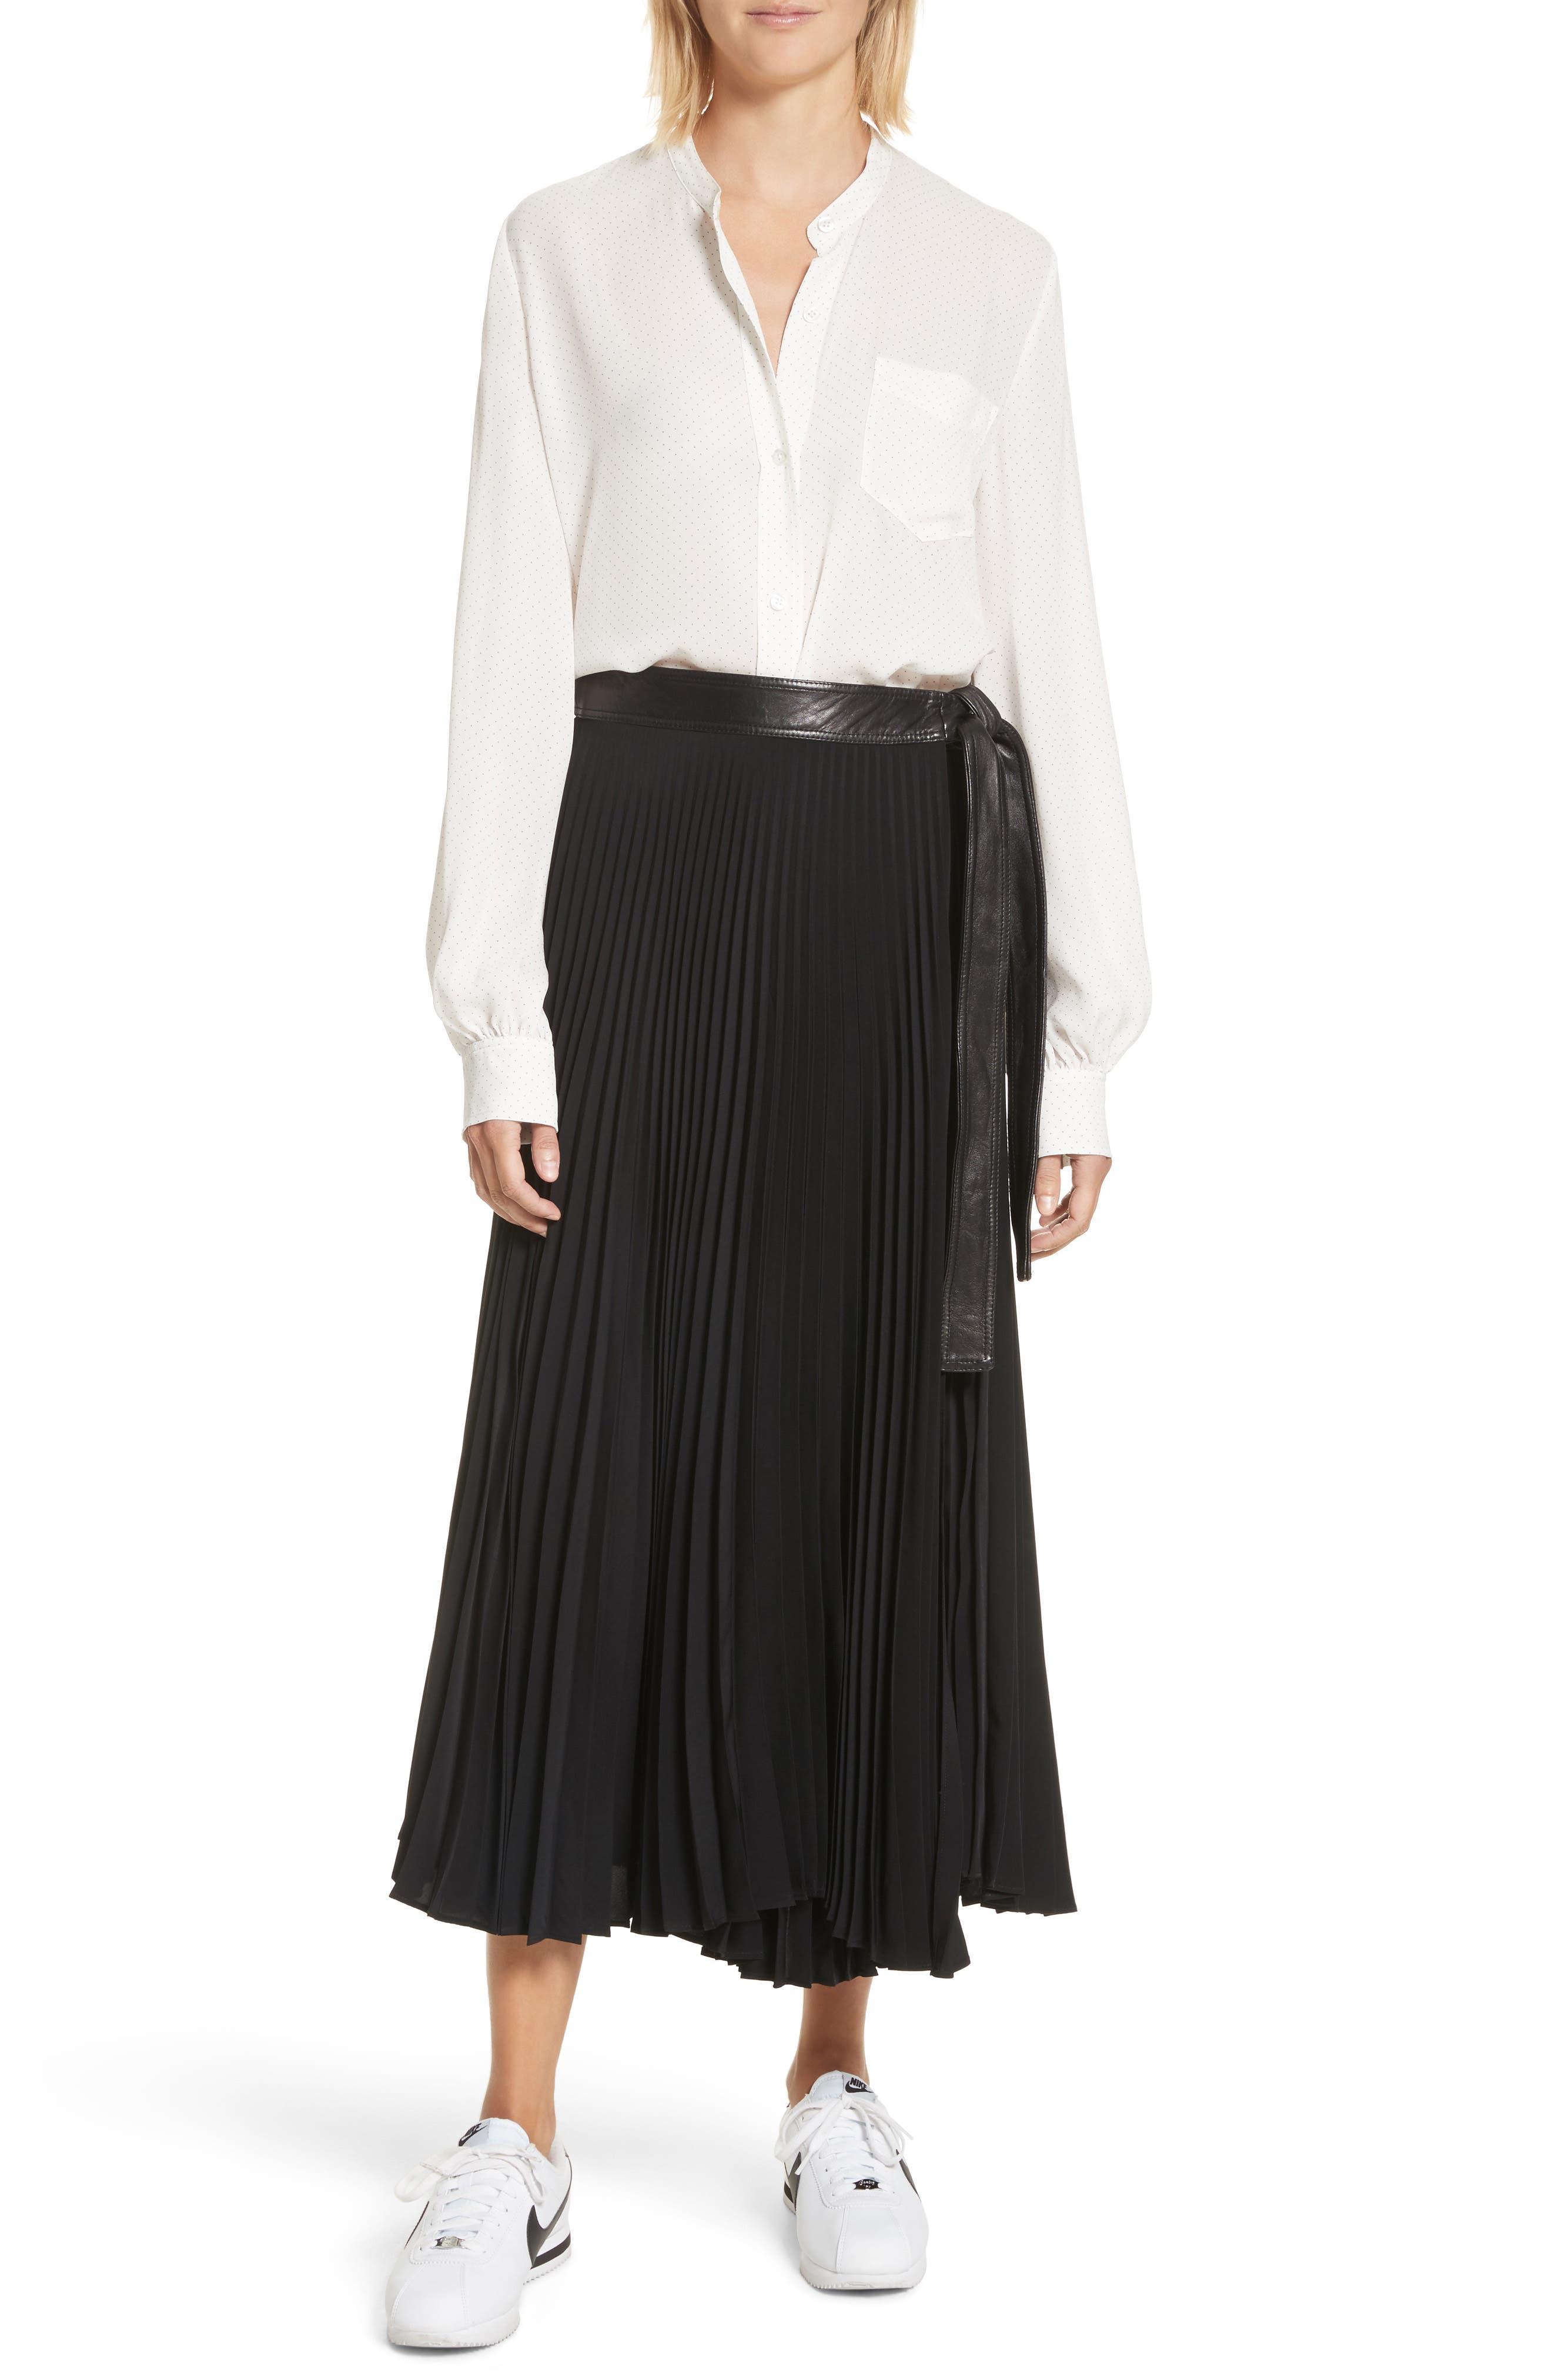 Anika Leather Trim Pleated Midi Skirt,                             Alternate thumbnail 2, color,                             Black